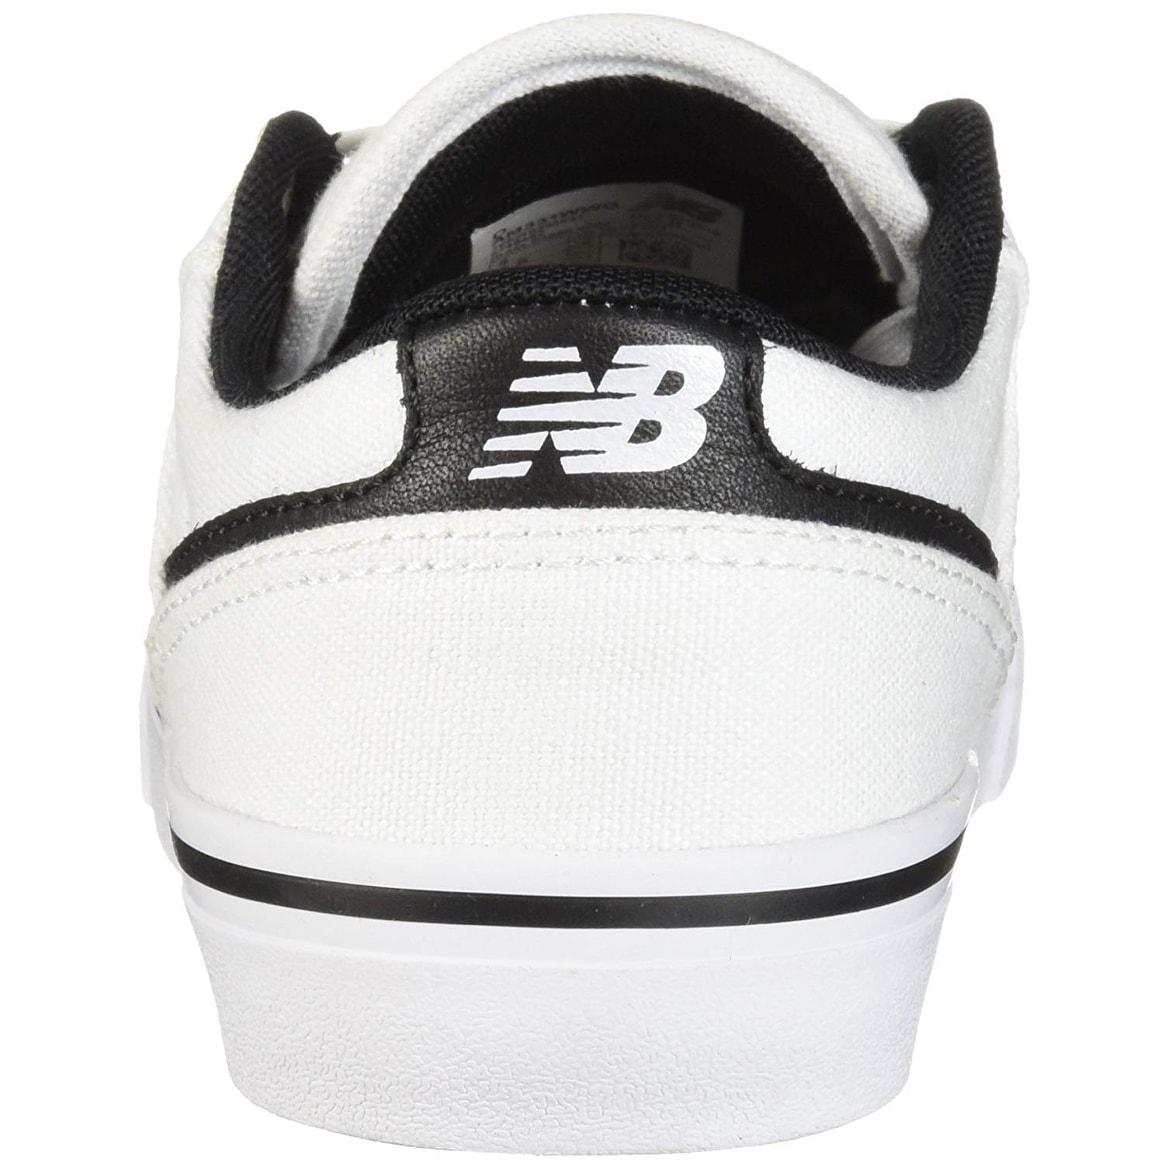 Shop New Balance Men's 331v1 Skate Shoe